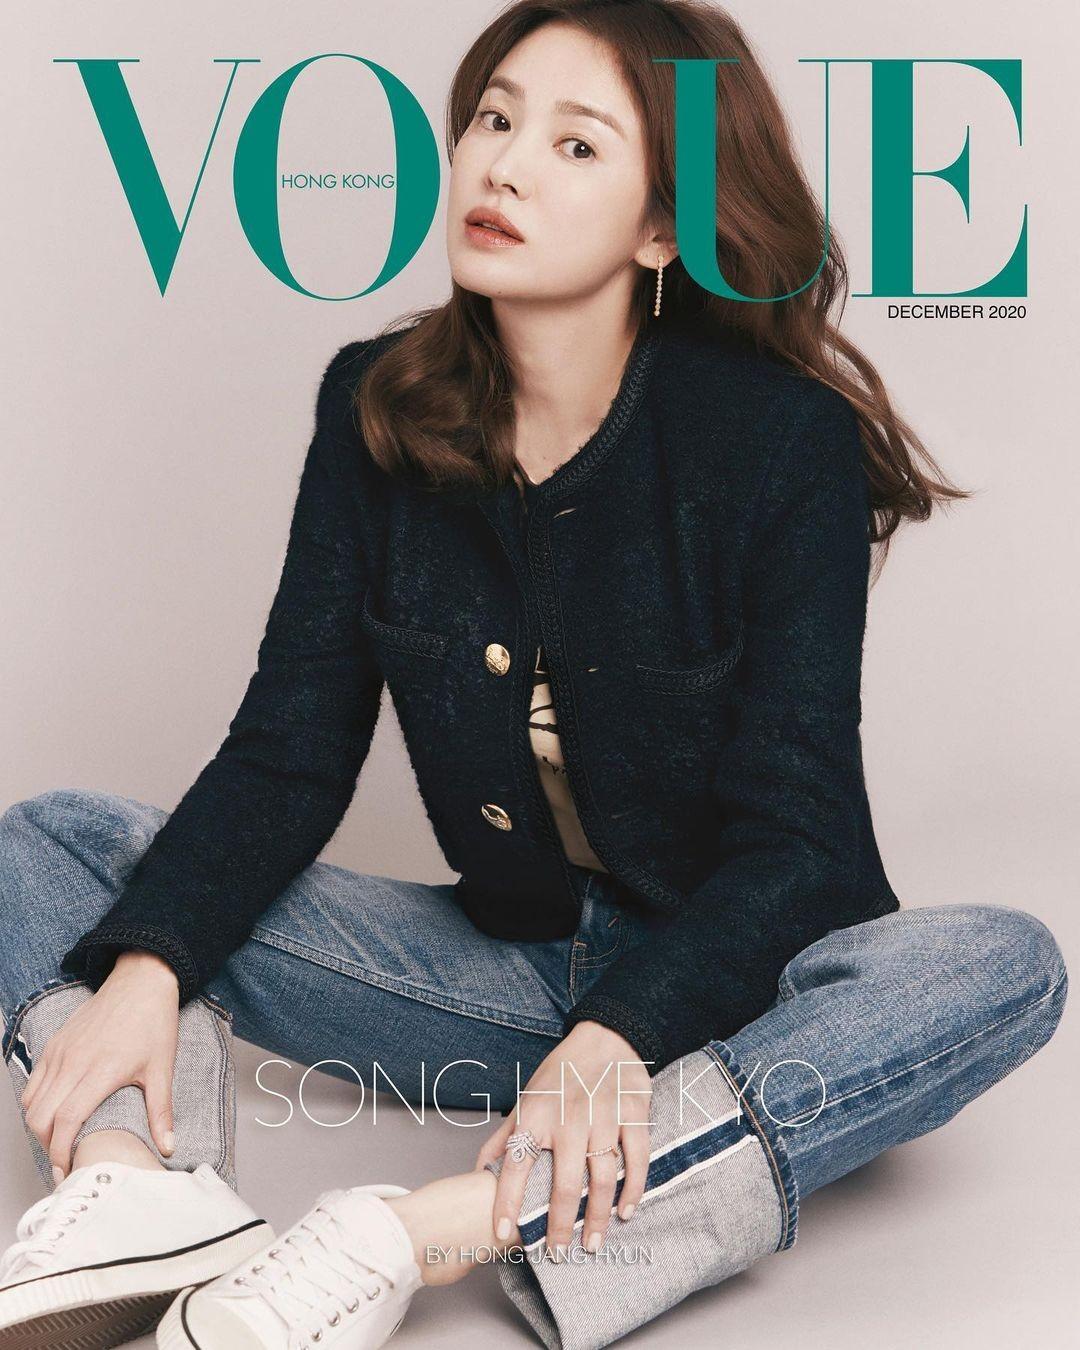 """Song Hye Kyo đeo vương miện 13 tỉ, đẹp như """"nữ vương"""" trên bìa chào năm mới của W Hàn ảnh 1"""